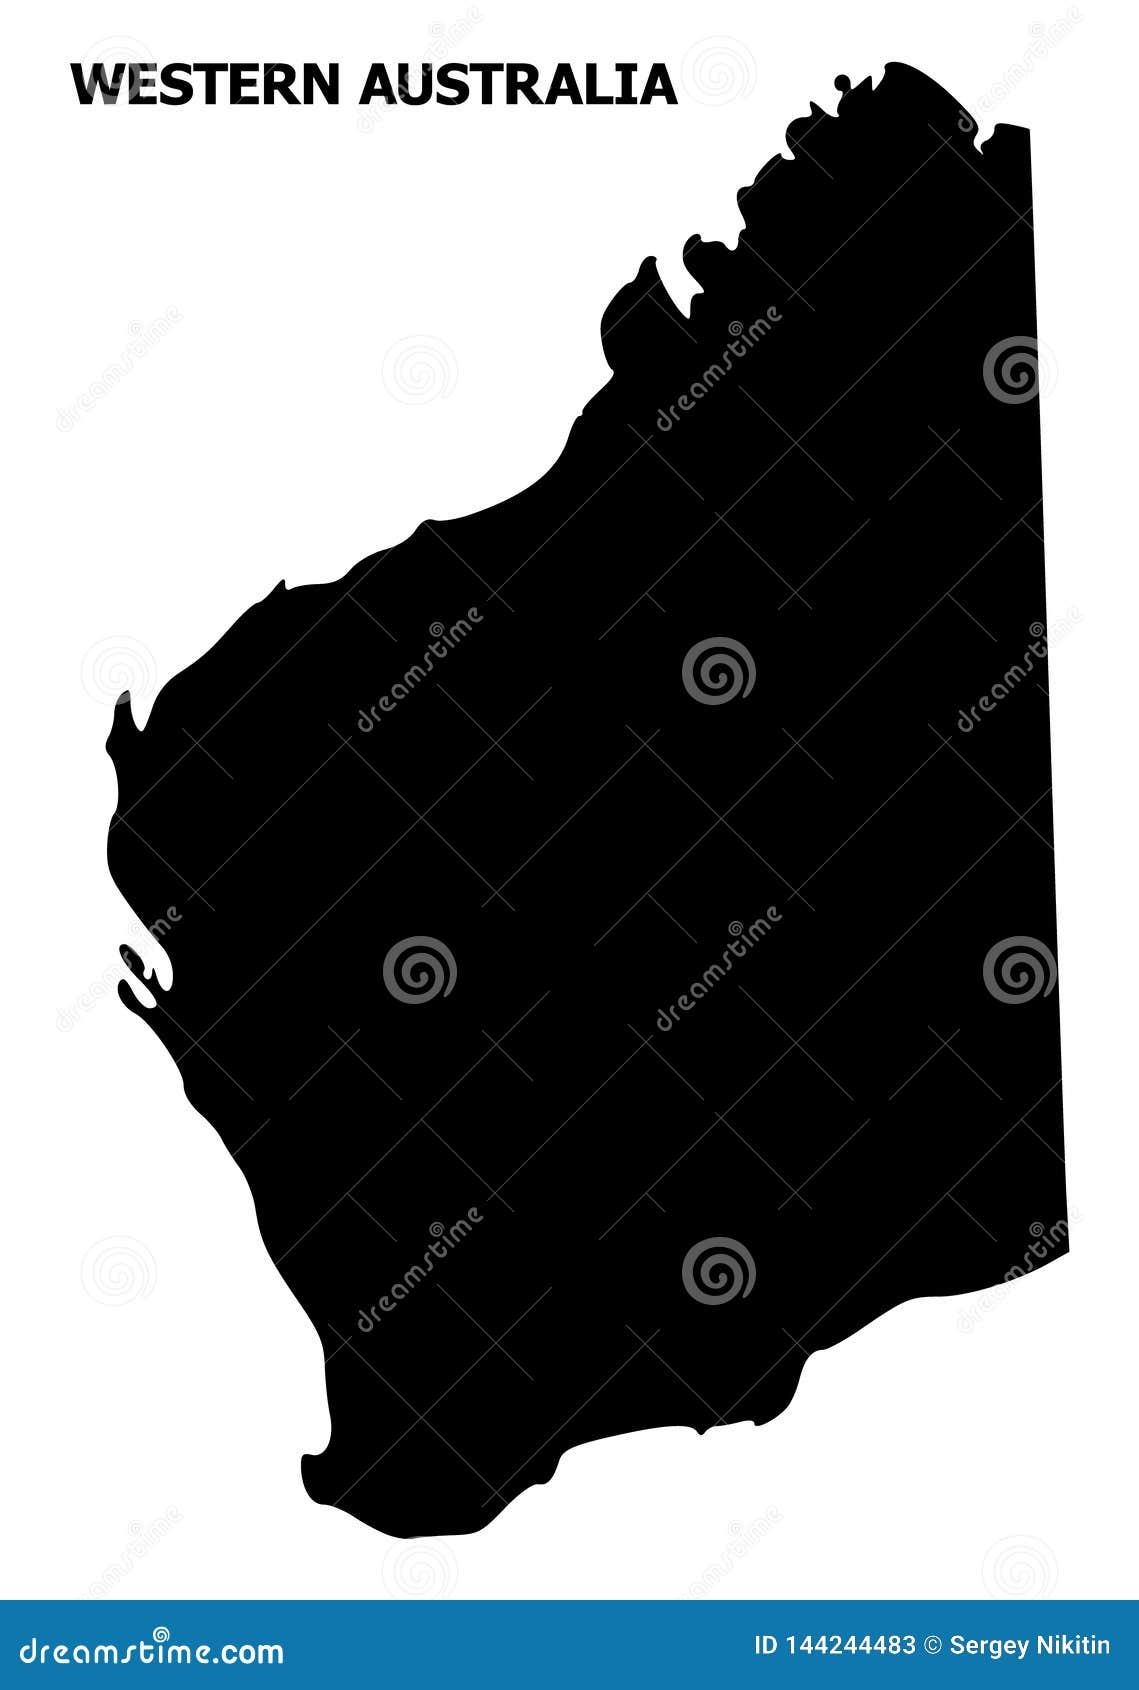 Διανυσματικός επίπεδος χάρτης της δυτικής Αυστραλίας με το όνομα